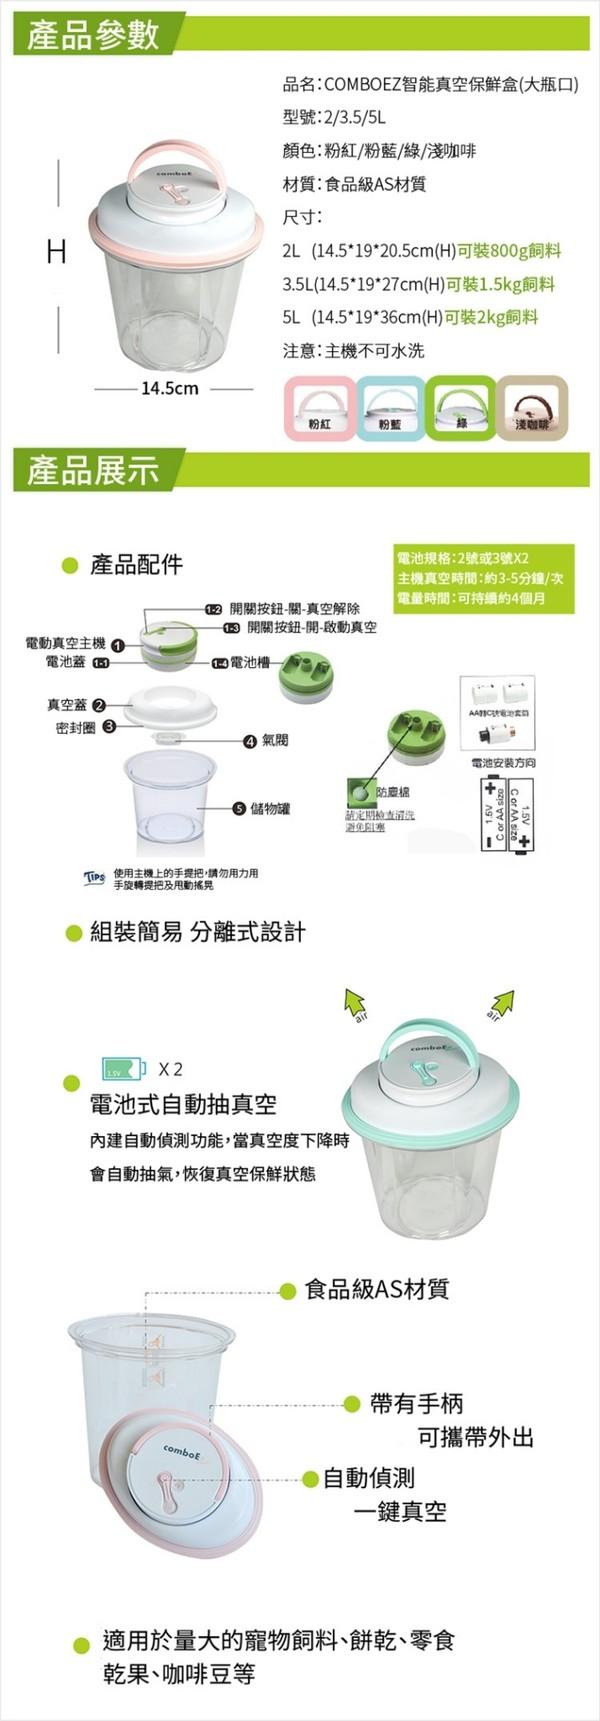 1300014900 ComboE2智能電動真空食物保鮮罐手柄款3.5公升-咖啡1300014600 ComboE2智能電動真空食物保鮮罐手柄款3.5公升-粉